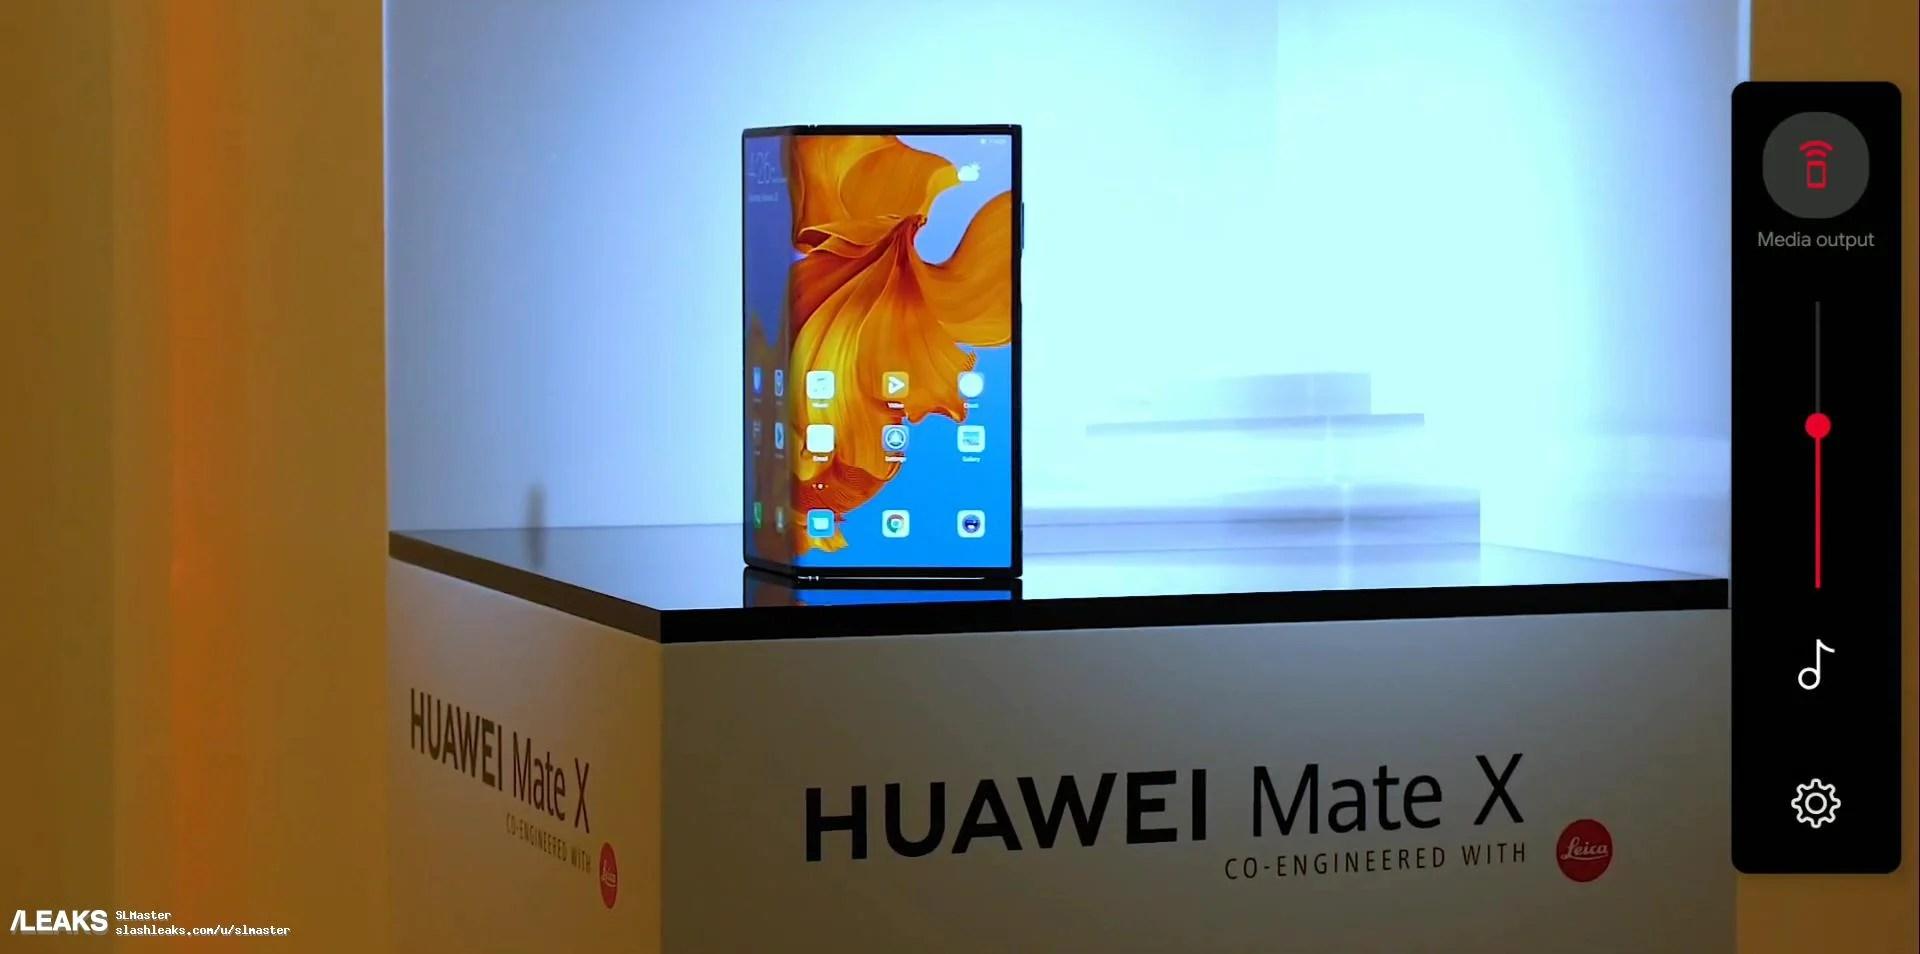 Huawei Mate X : le smartphone pliable de Huawei fuite à nouveau avant son annonce – MWC 2019